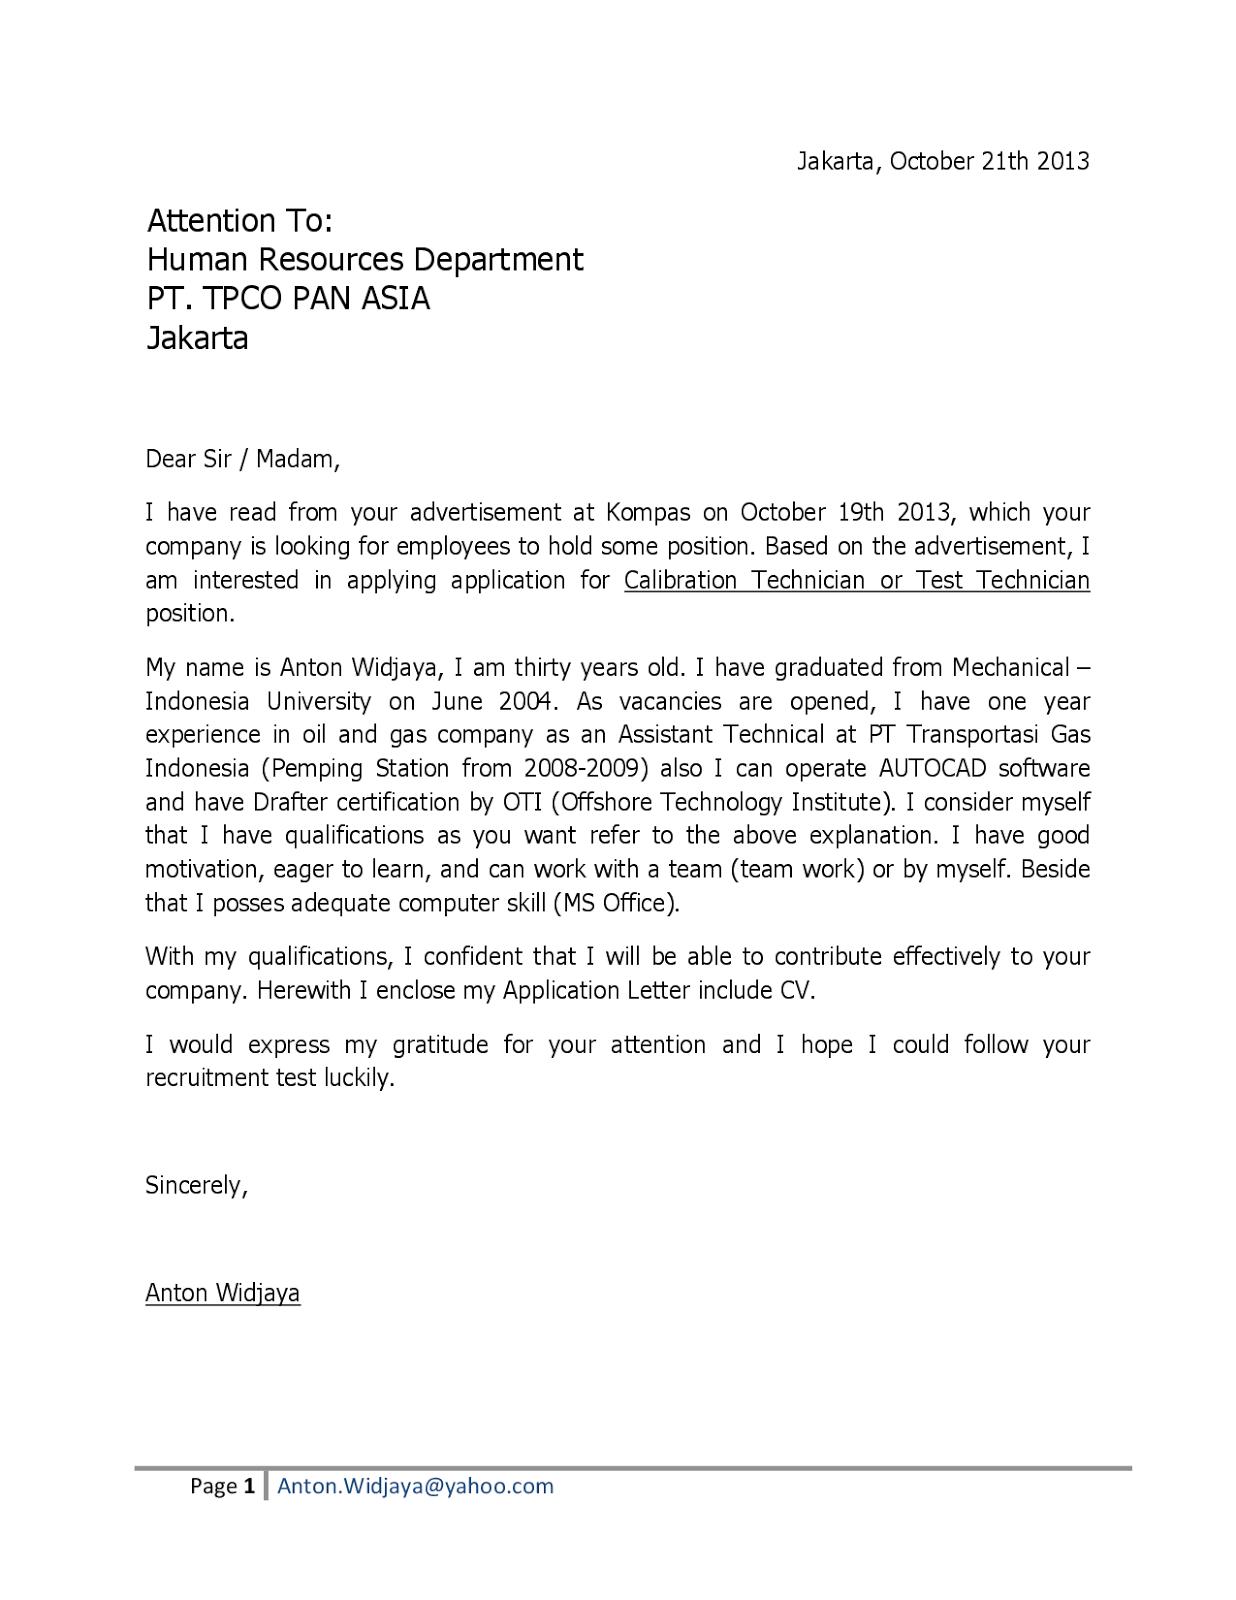 Cover Letter Sample For Fresh Graduate Engineer Pdf